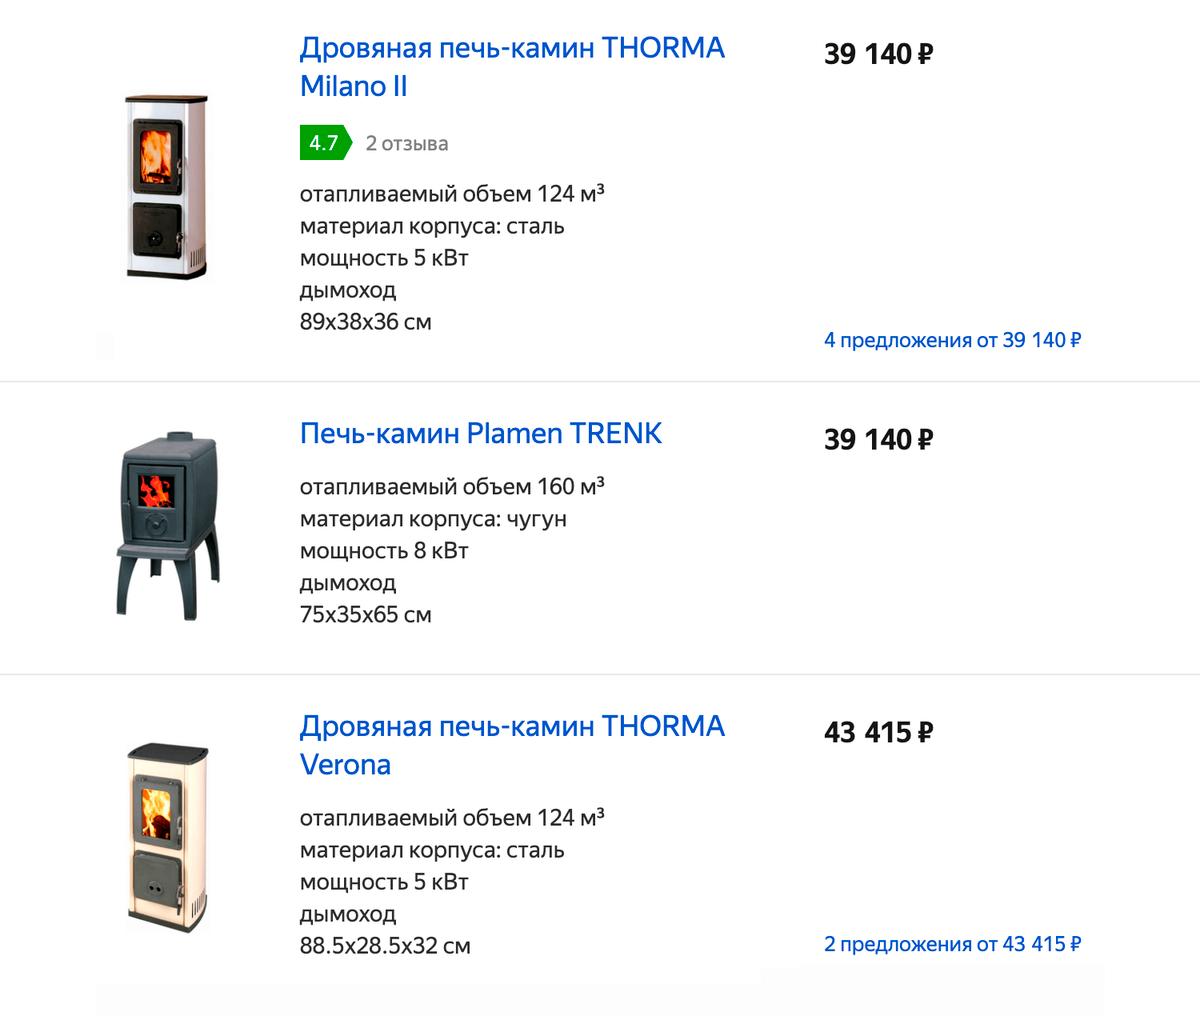 Цена на печи-камины варьируется от 40тысяч длявариантов по типу буржуйки до 1млн рублей за дорогие бренды. Источник: «Яндекс-маркет»